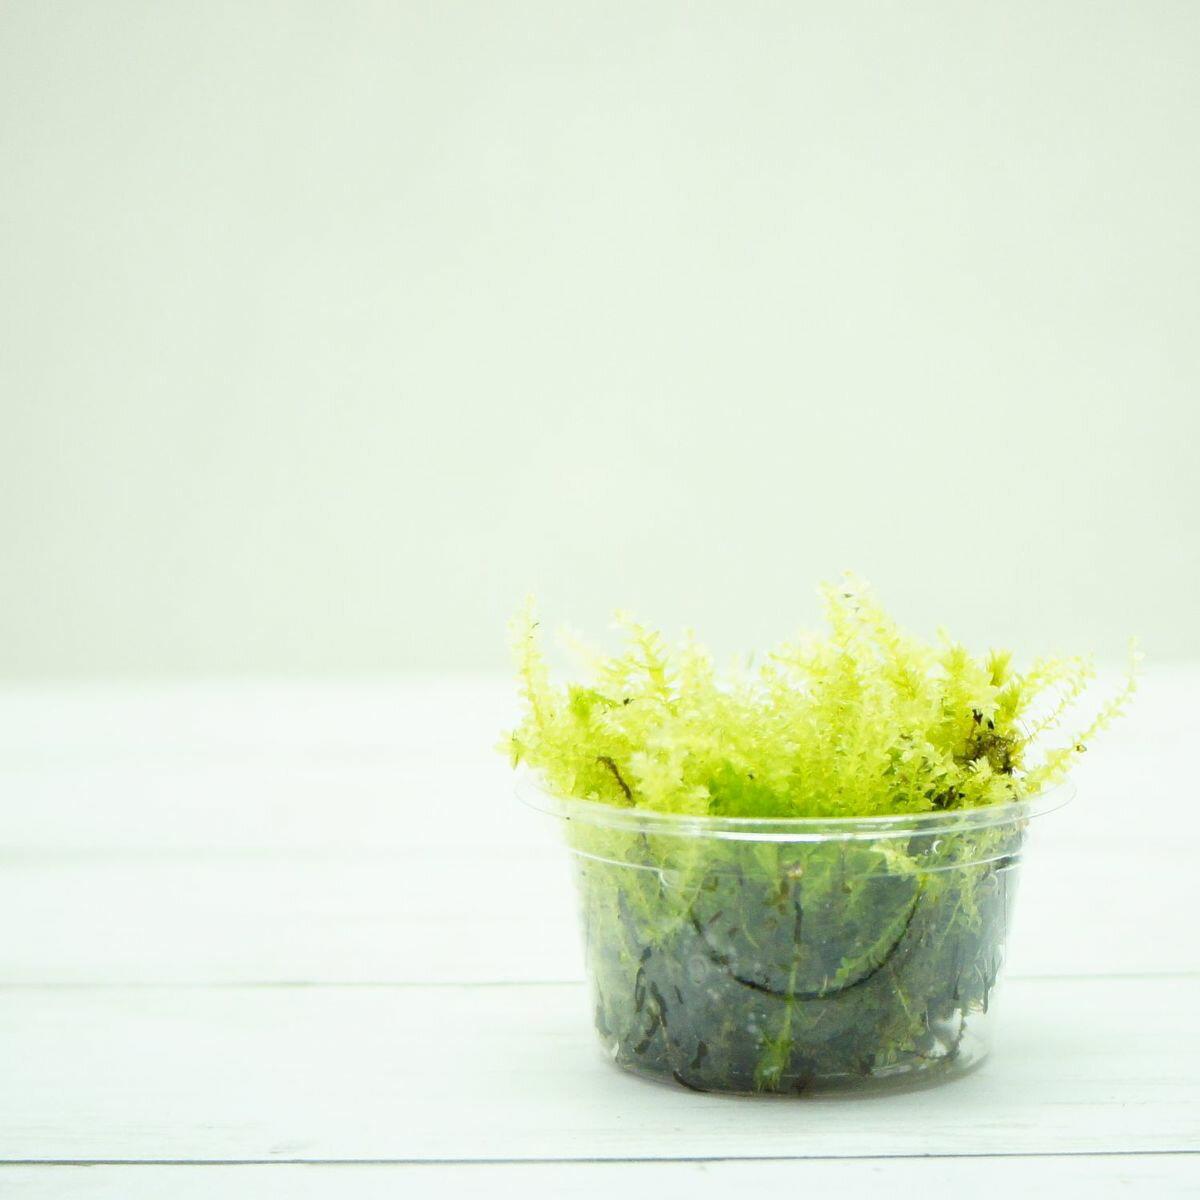 【高原の苔】 透明感のある苔 コツボゴケ ミニカップ 小さな作品や苔玉に